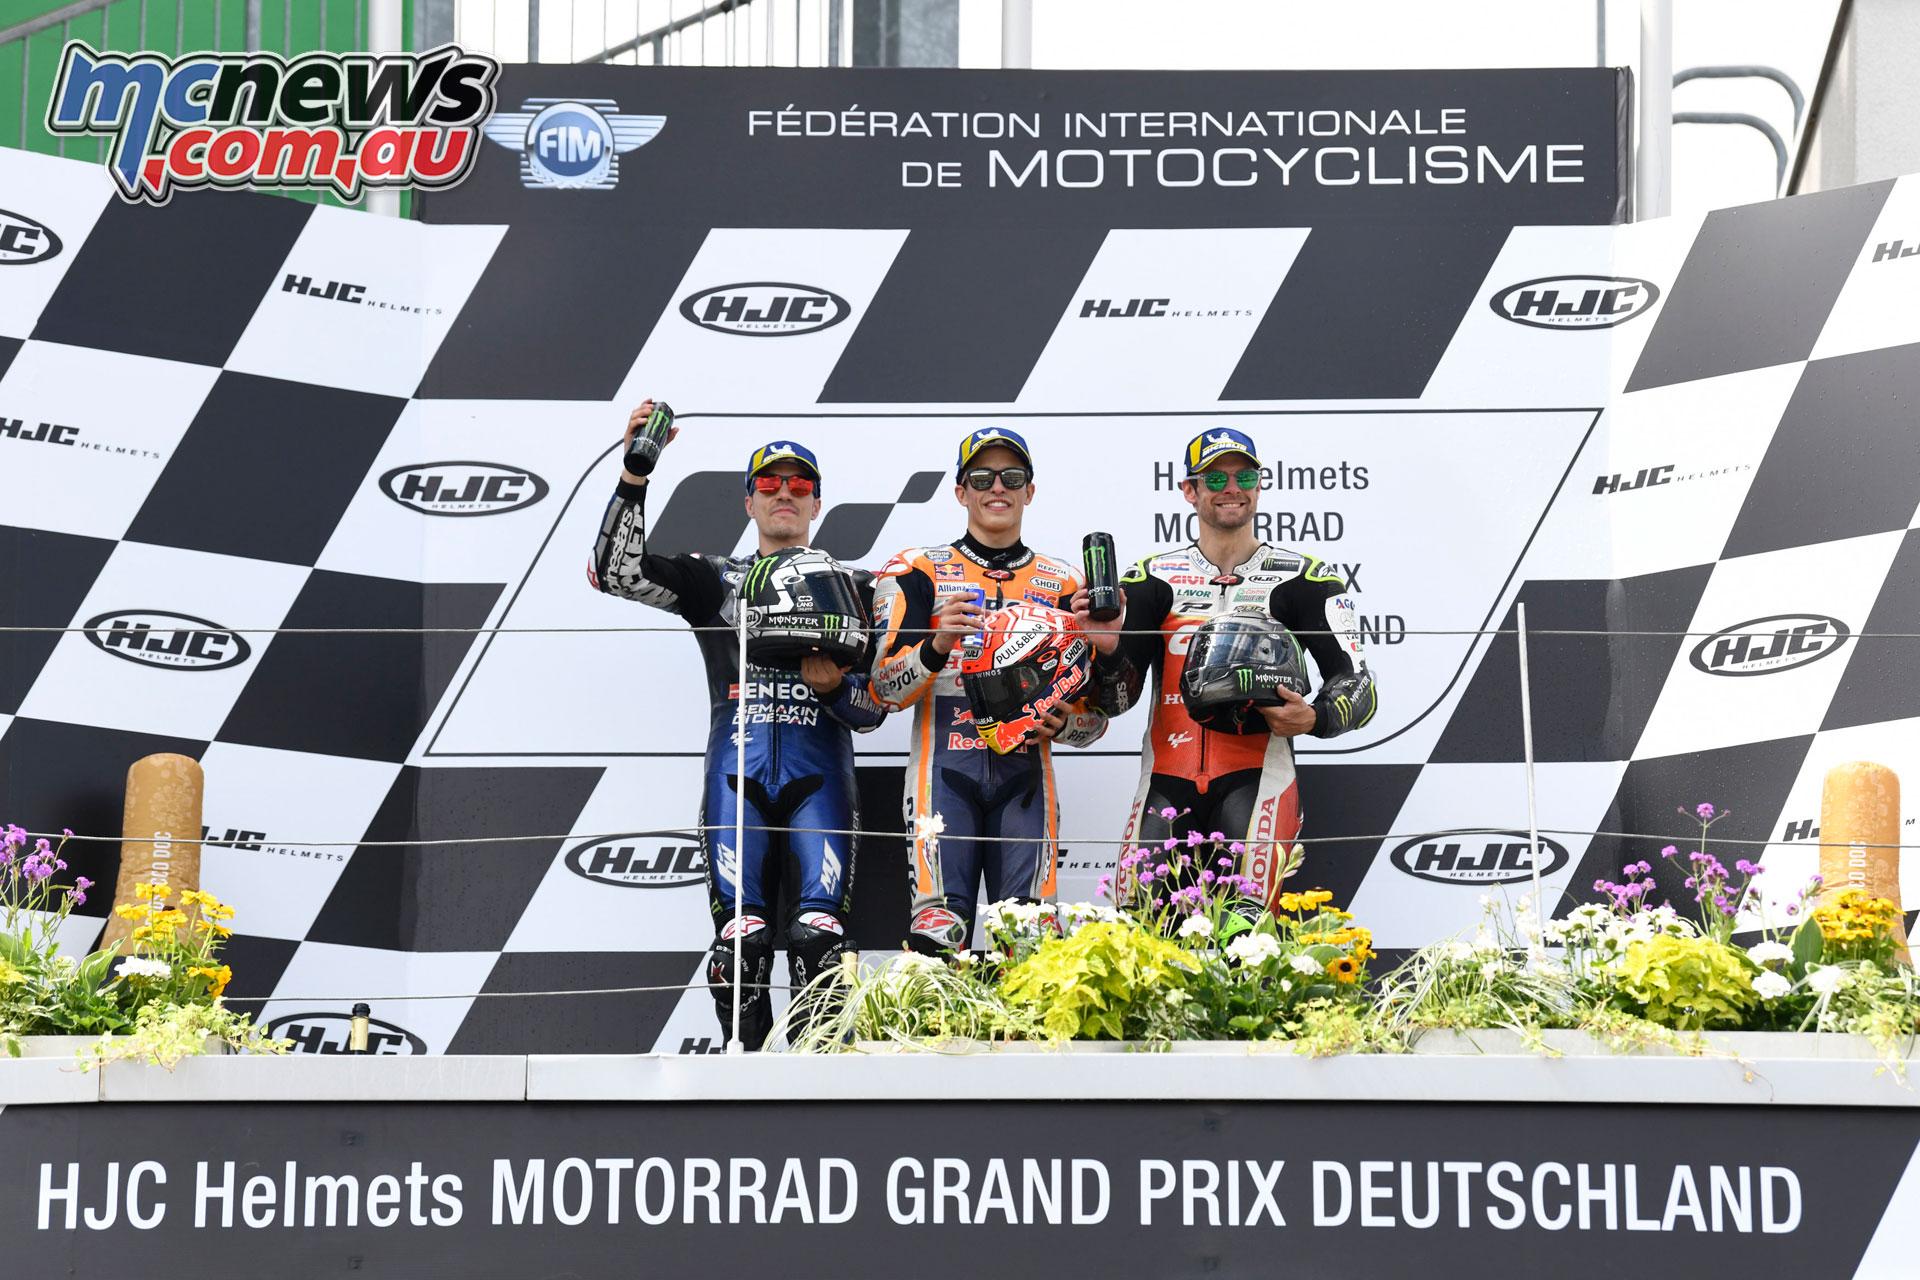 MotoGP Rnd Sachsenring Germany MotoGP Podium